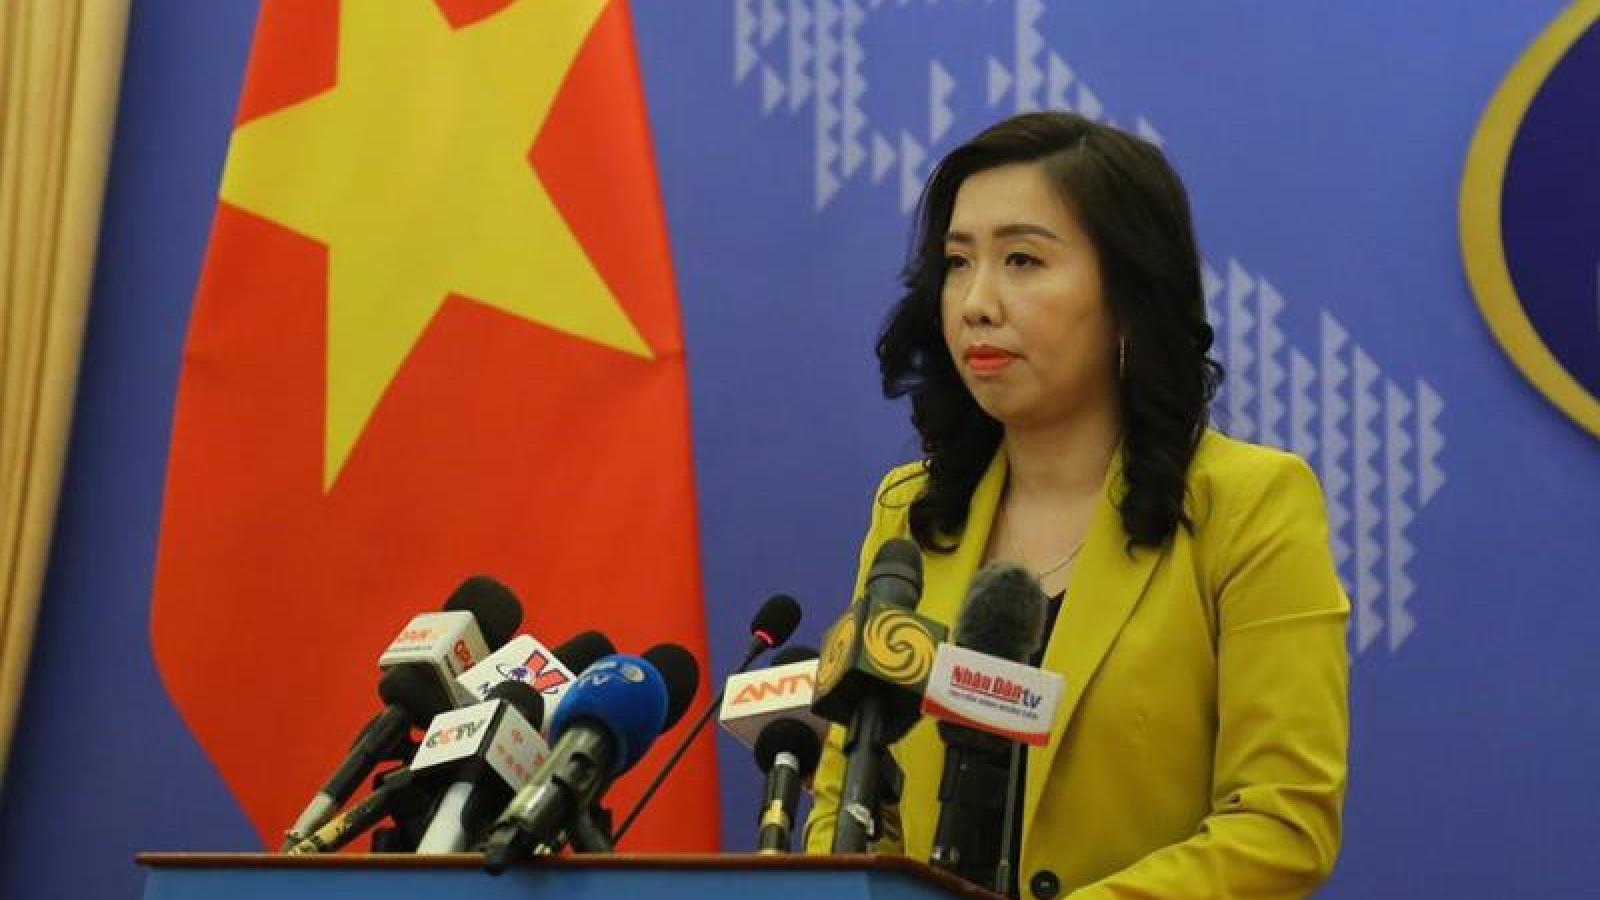 Liên Hợp Quốc chưa có thông báo nào tôn vinh Việt Nam đẩy lùi Covid-19